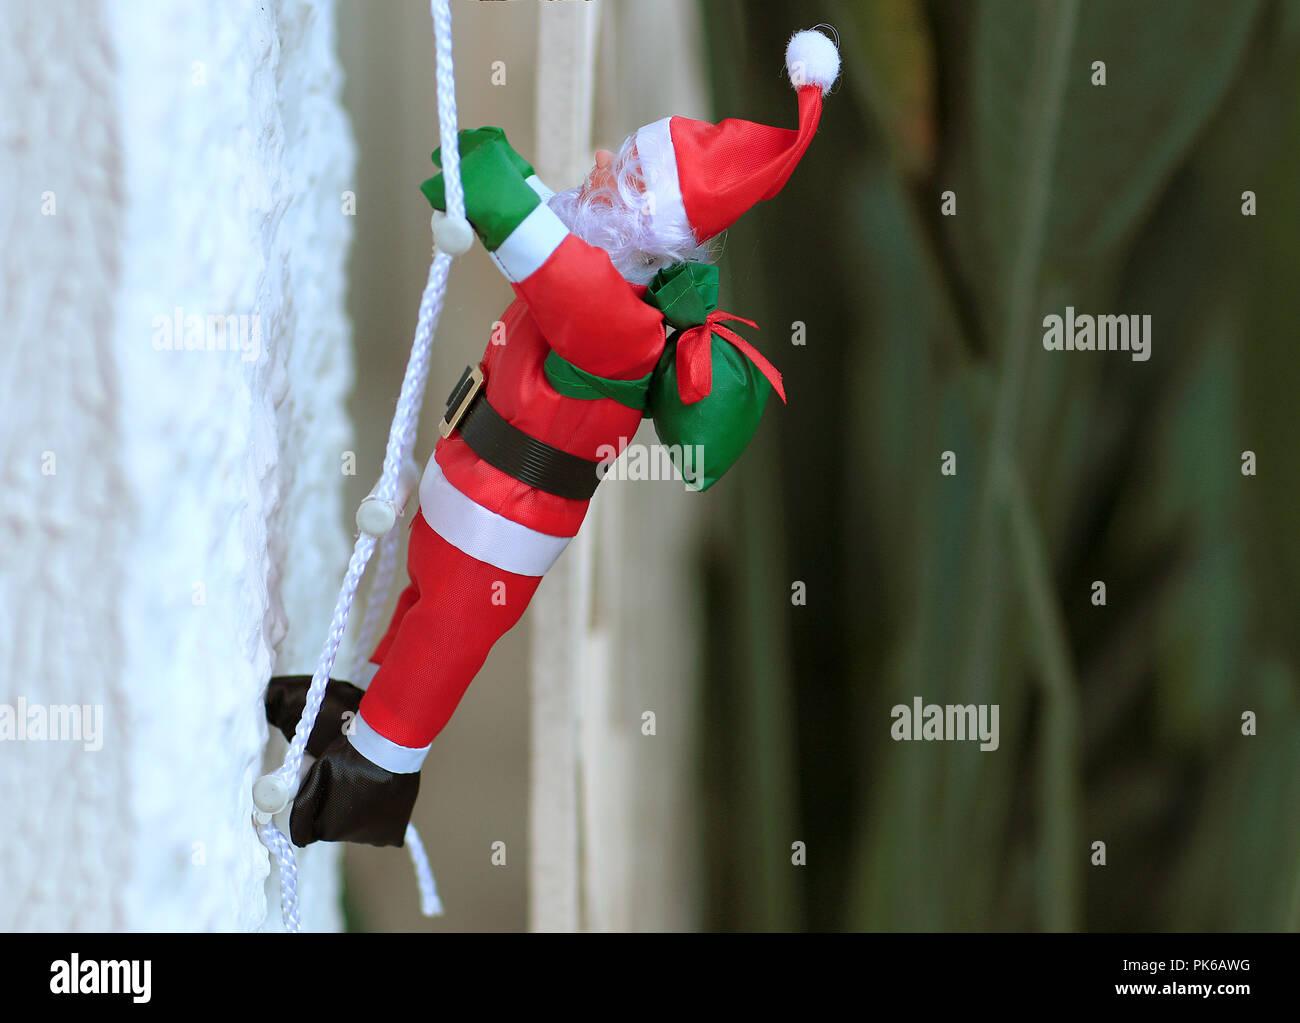 Auguri Di Buon Natale Religiosi.Babbo Natale La Scalata Al Camino Auguri Di Buon Natale